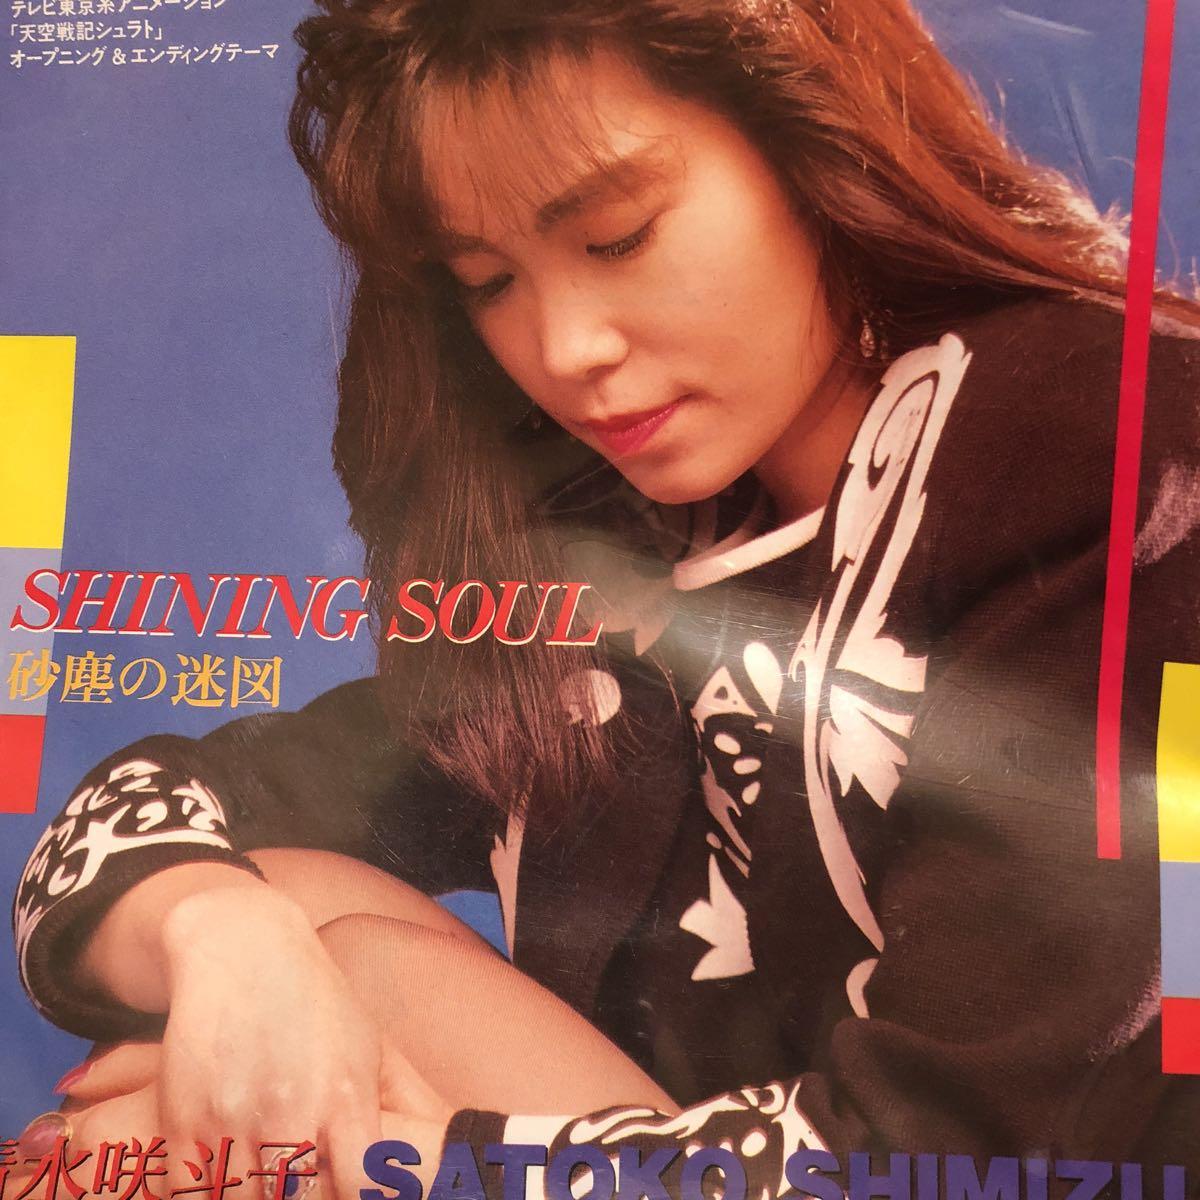 天空戦記シュラト主題歌 清水咲斗子/SHINING SOULアナログレコードEP_画像2